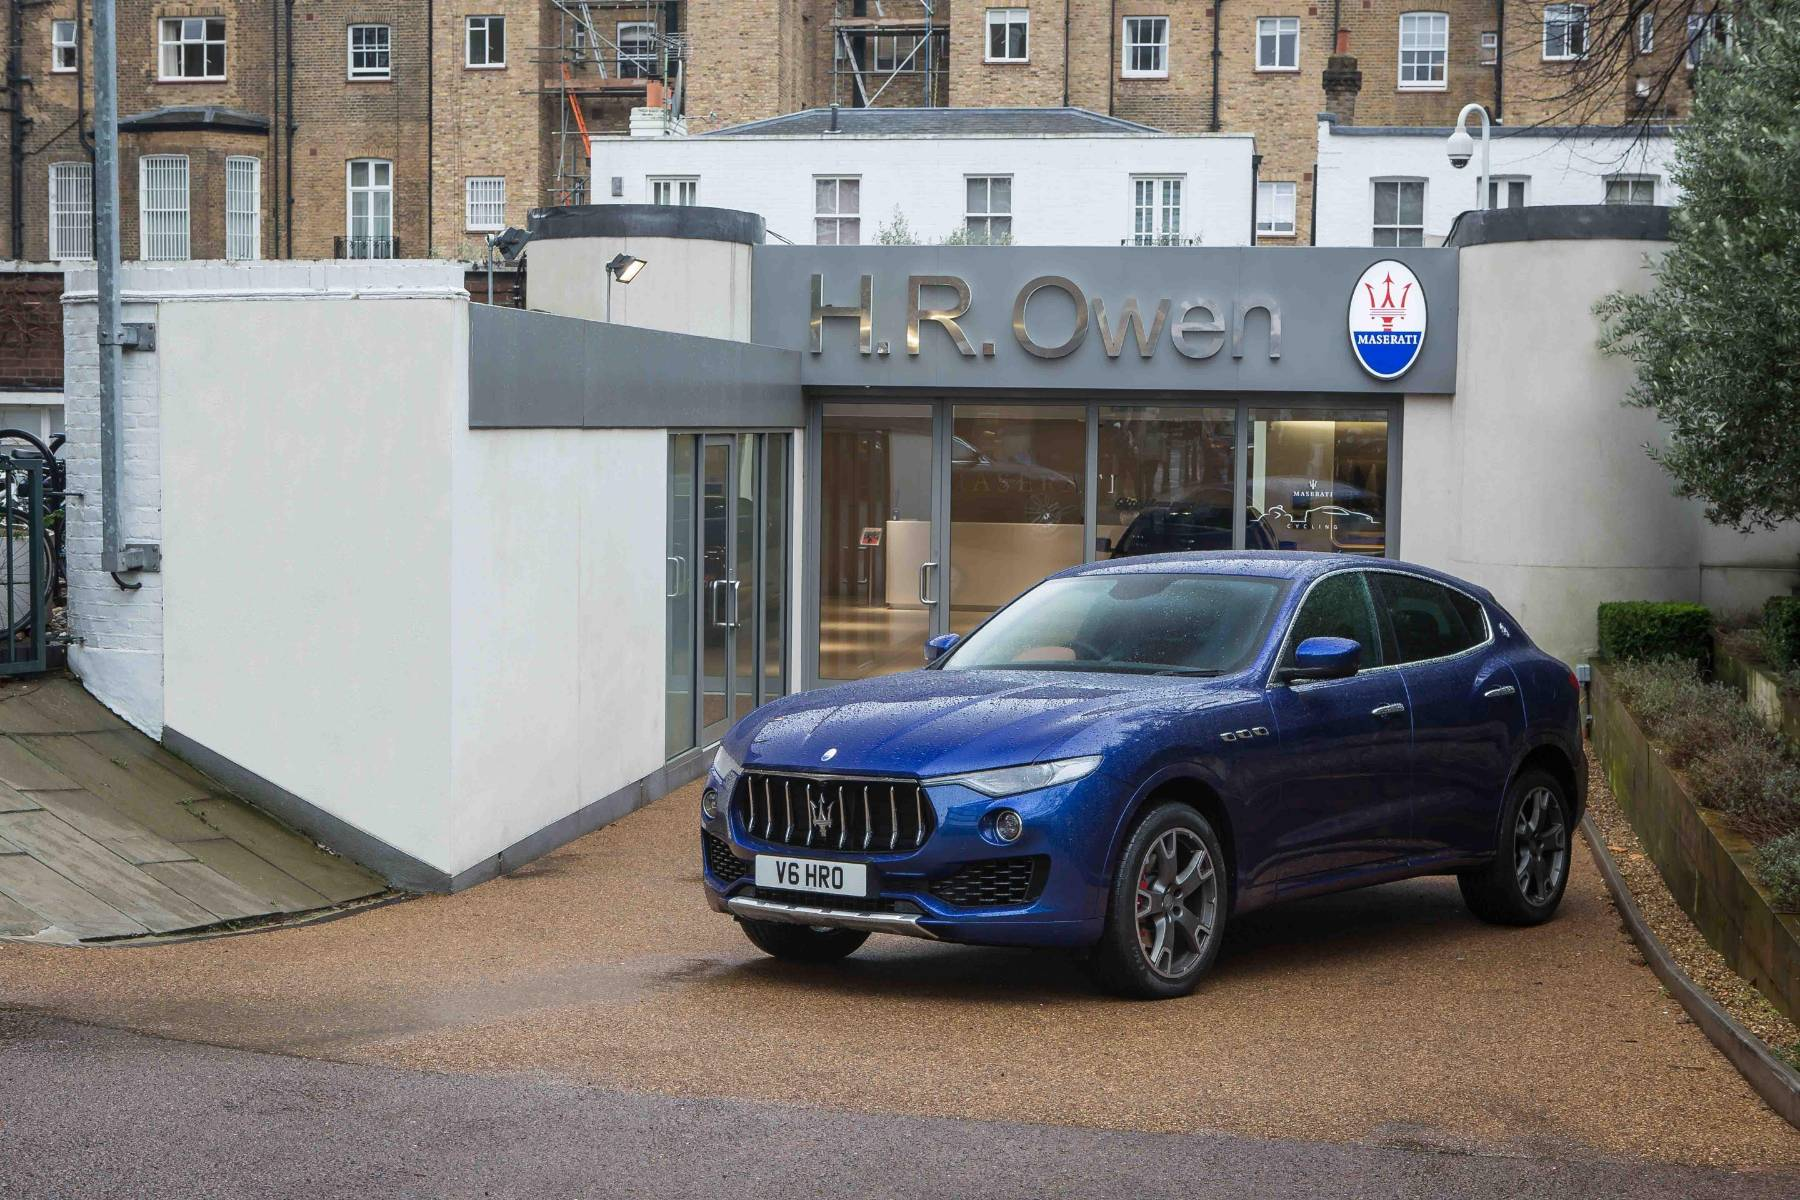 A new Maserati